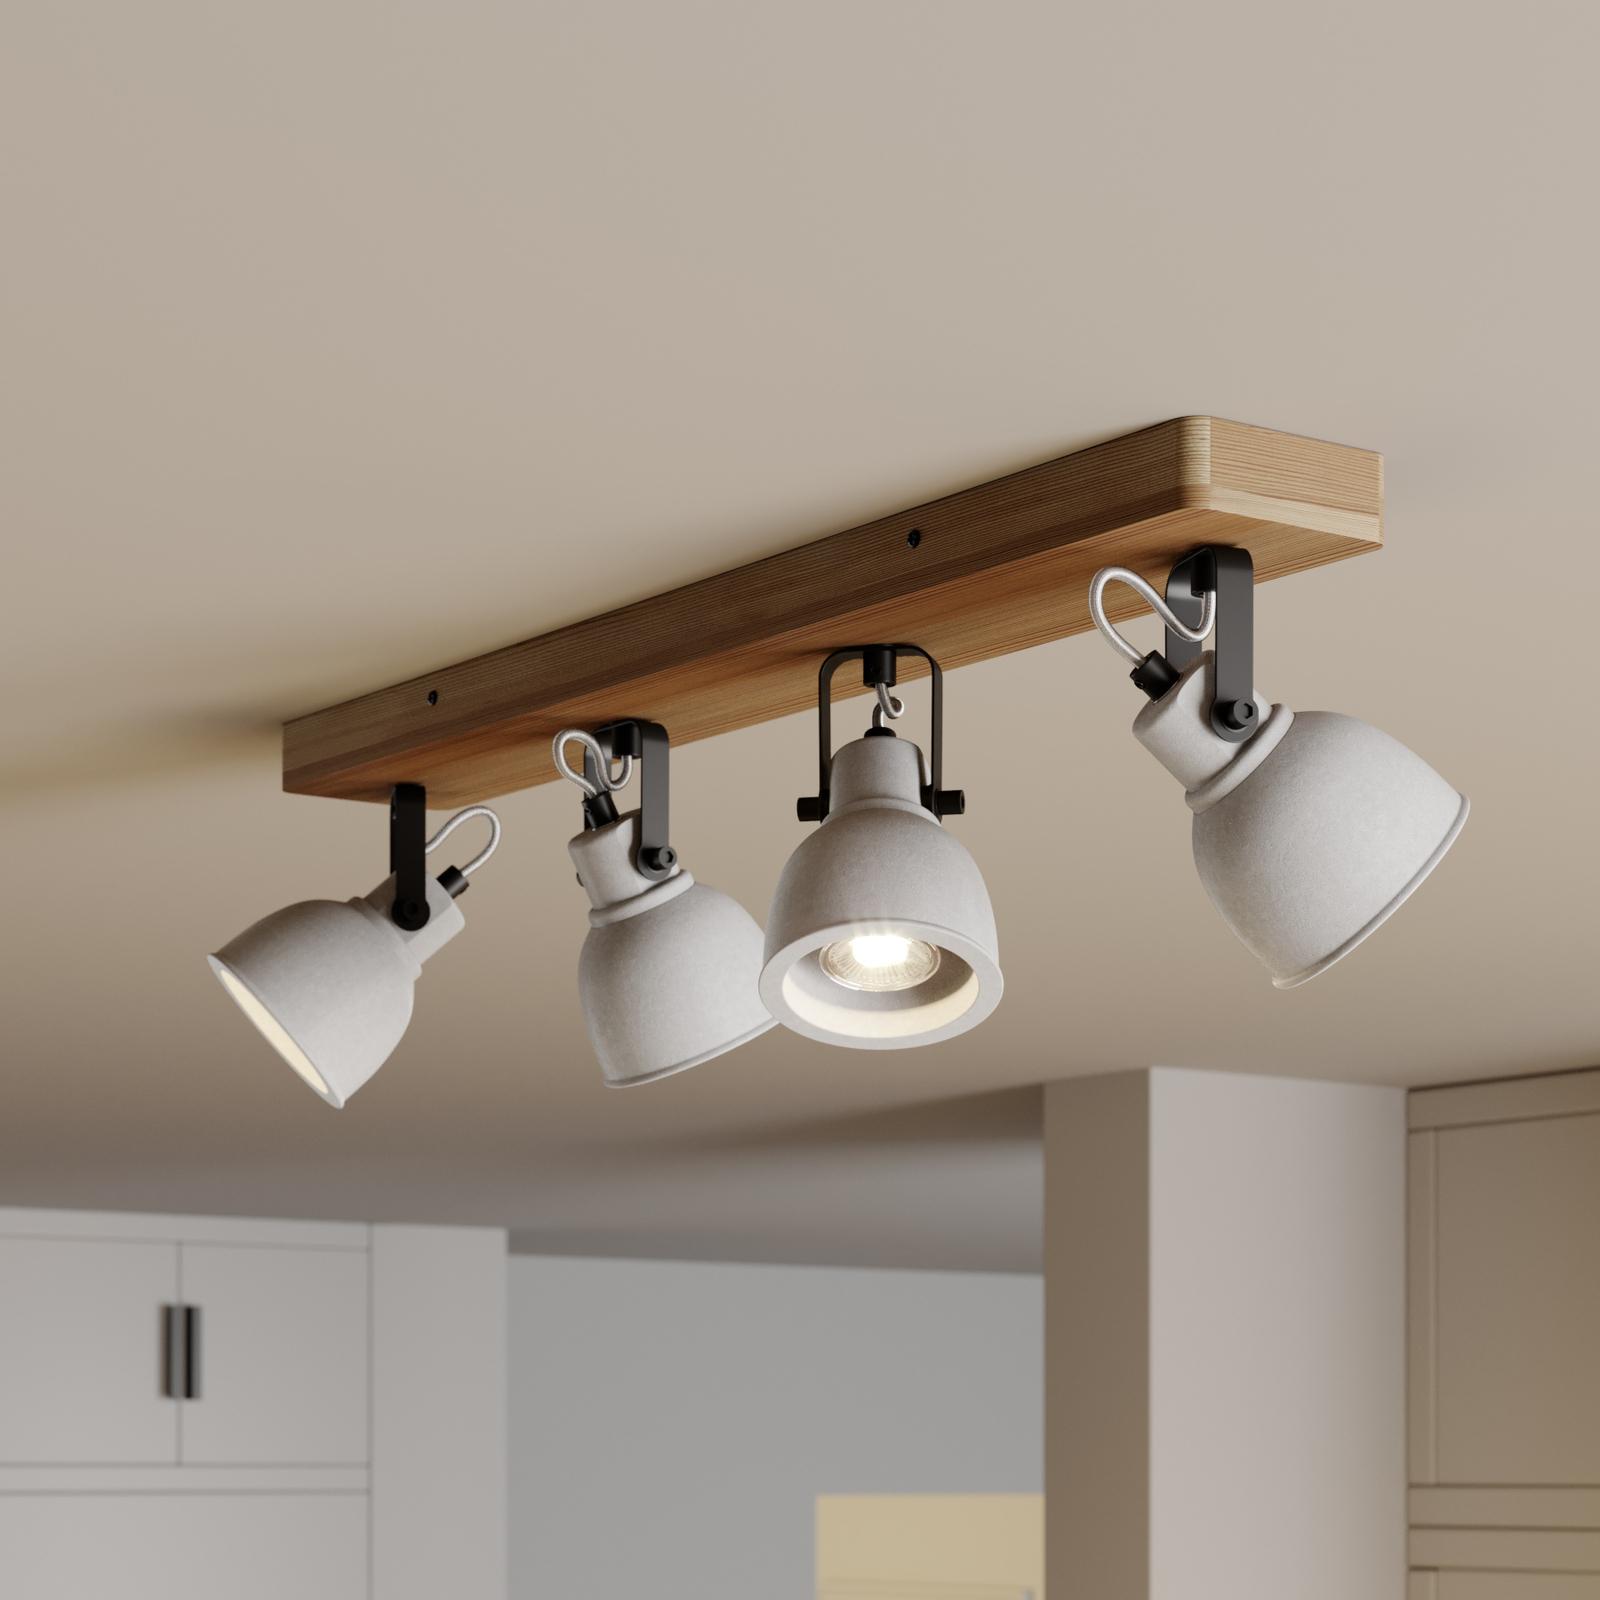 Lindby Mirka LED-Deckenleuchte, Kiefernholz, 4-fl.